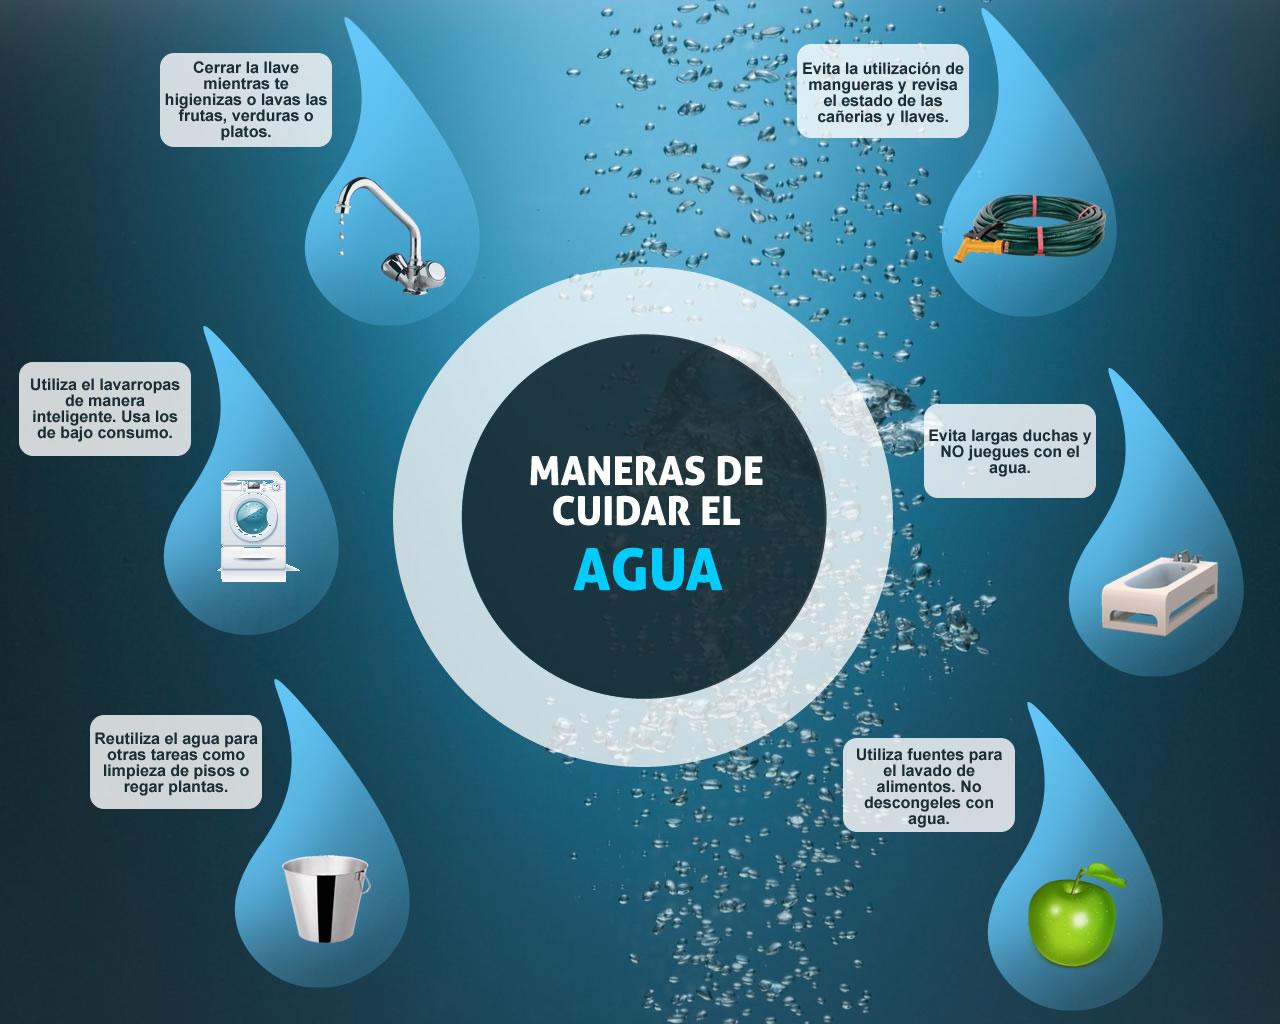 C mo podemos cuidar el agua consejos y concientizaci n - Como podemos ahorrar agua en casa ...